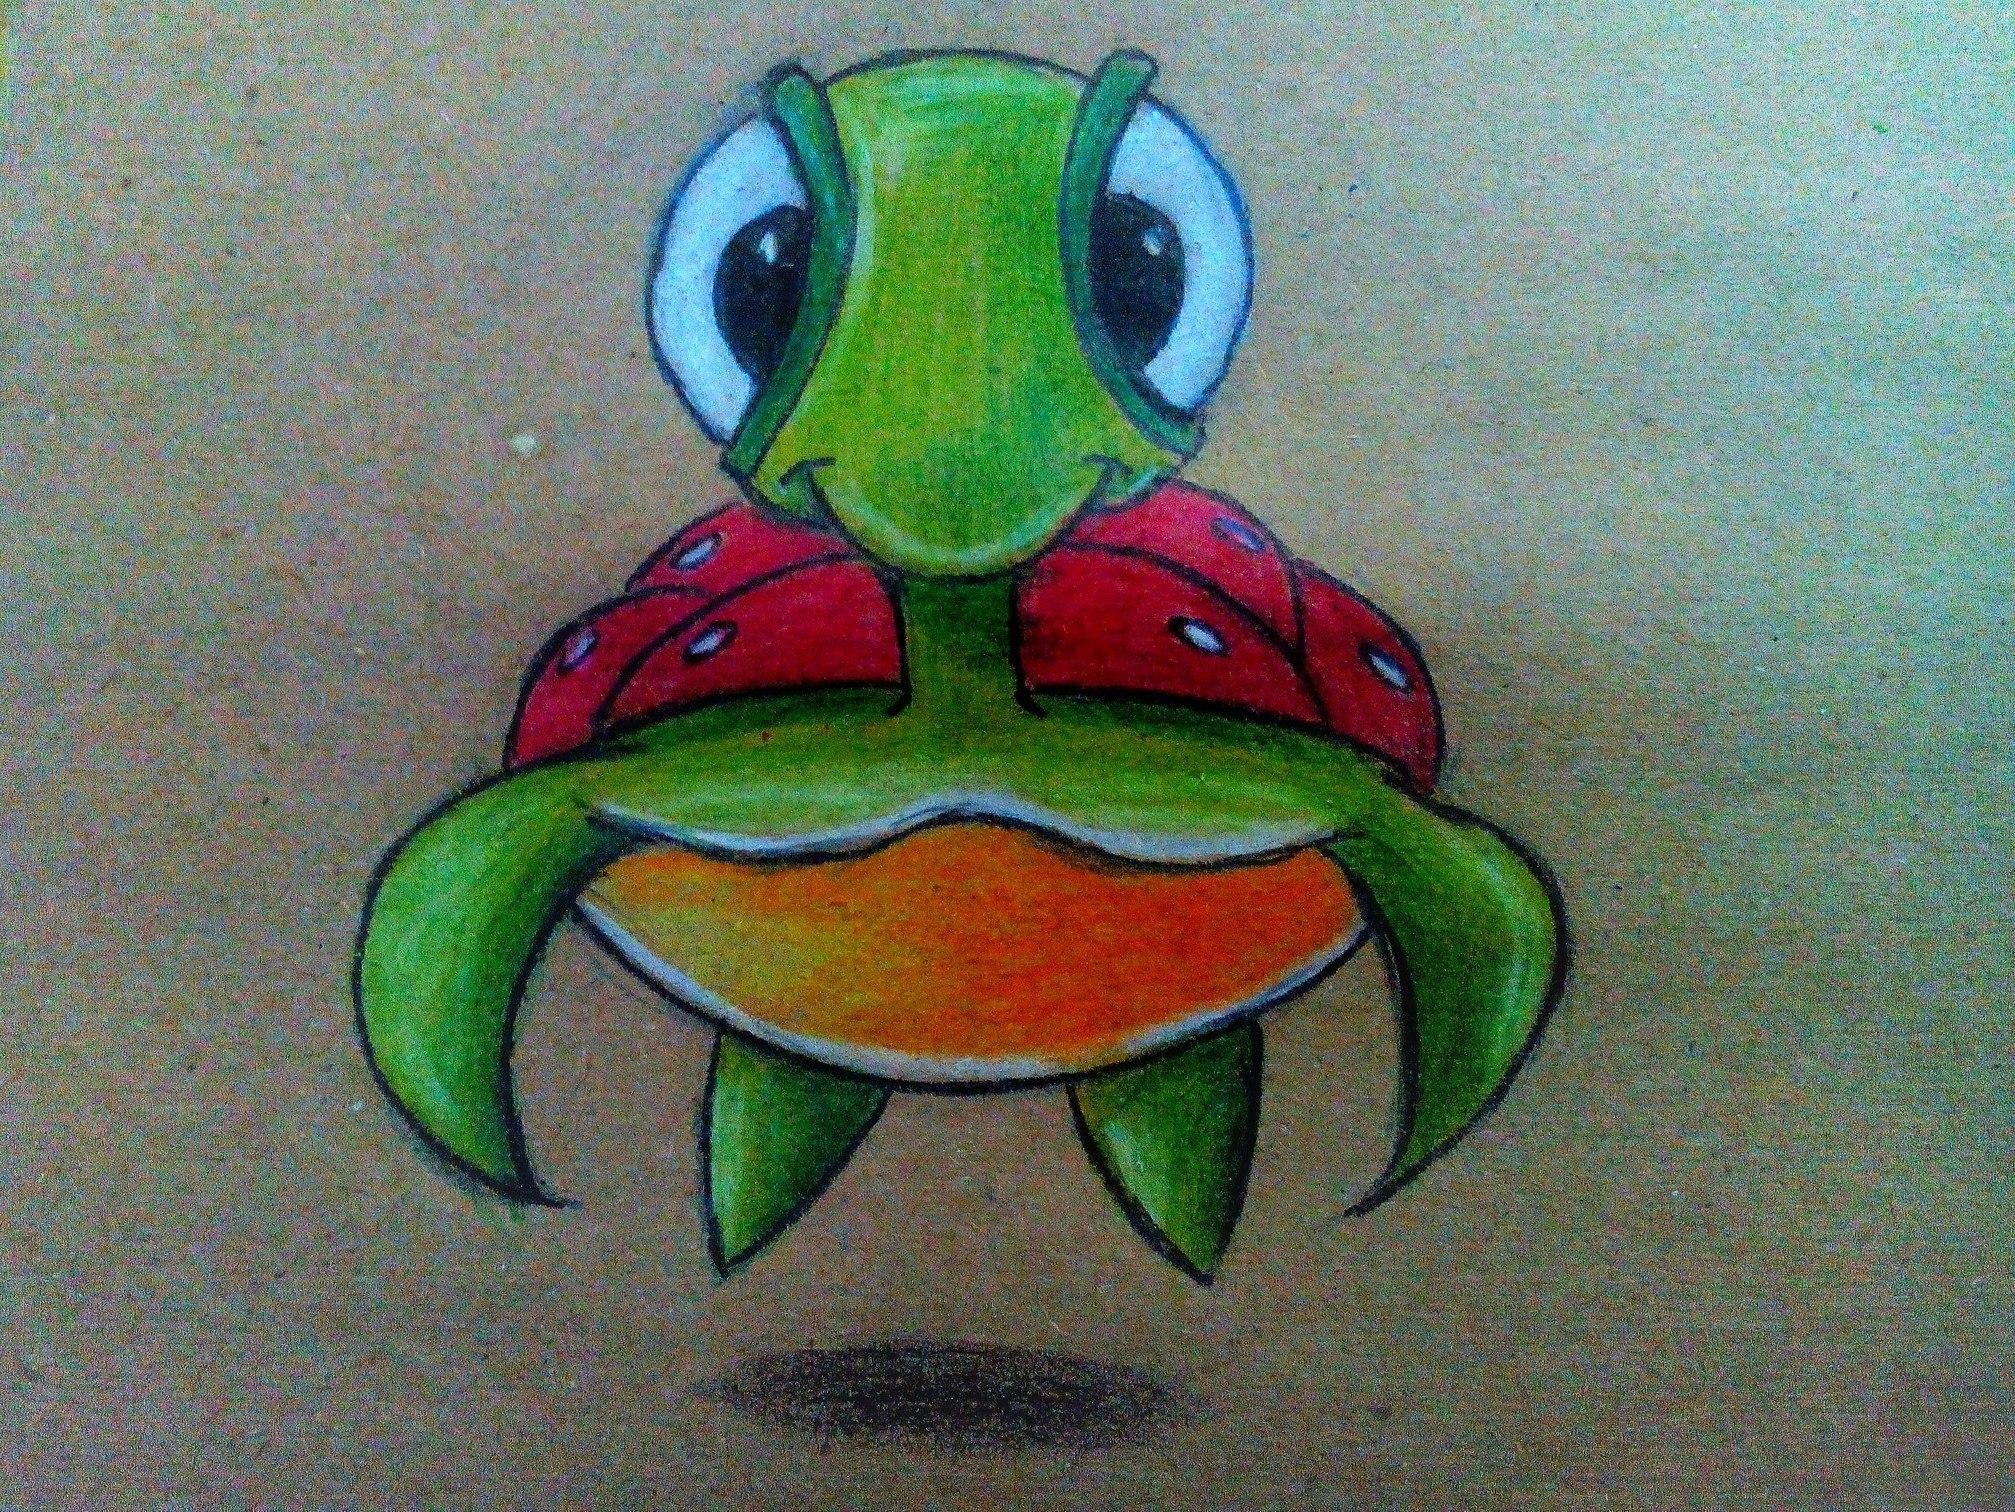 Как нарисовать черепаху карандашом поэтапно?